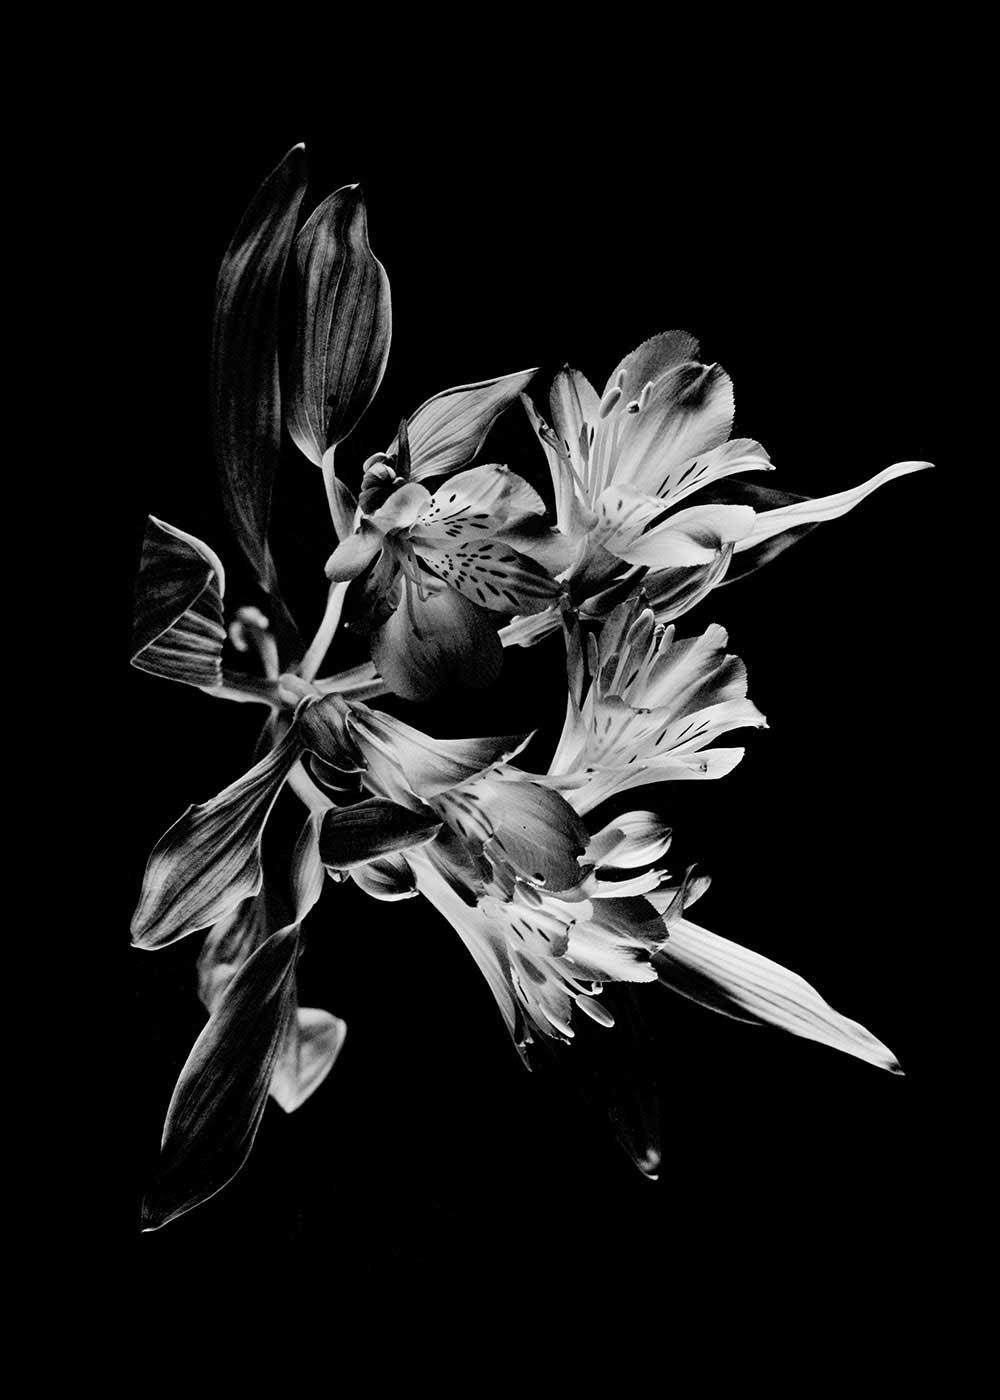 guillaume_dhubert_herbarium_005